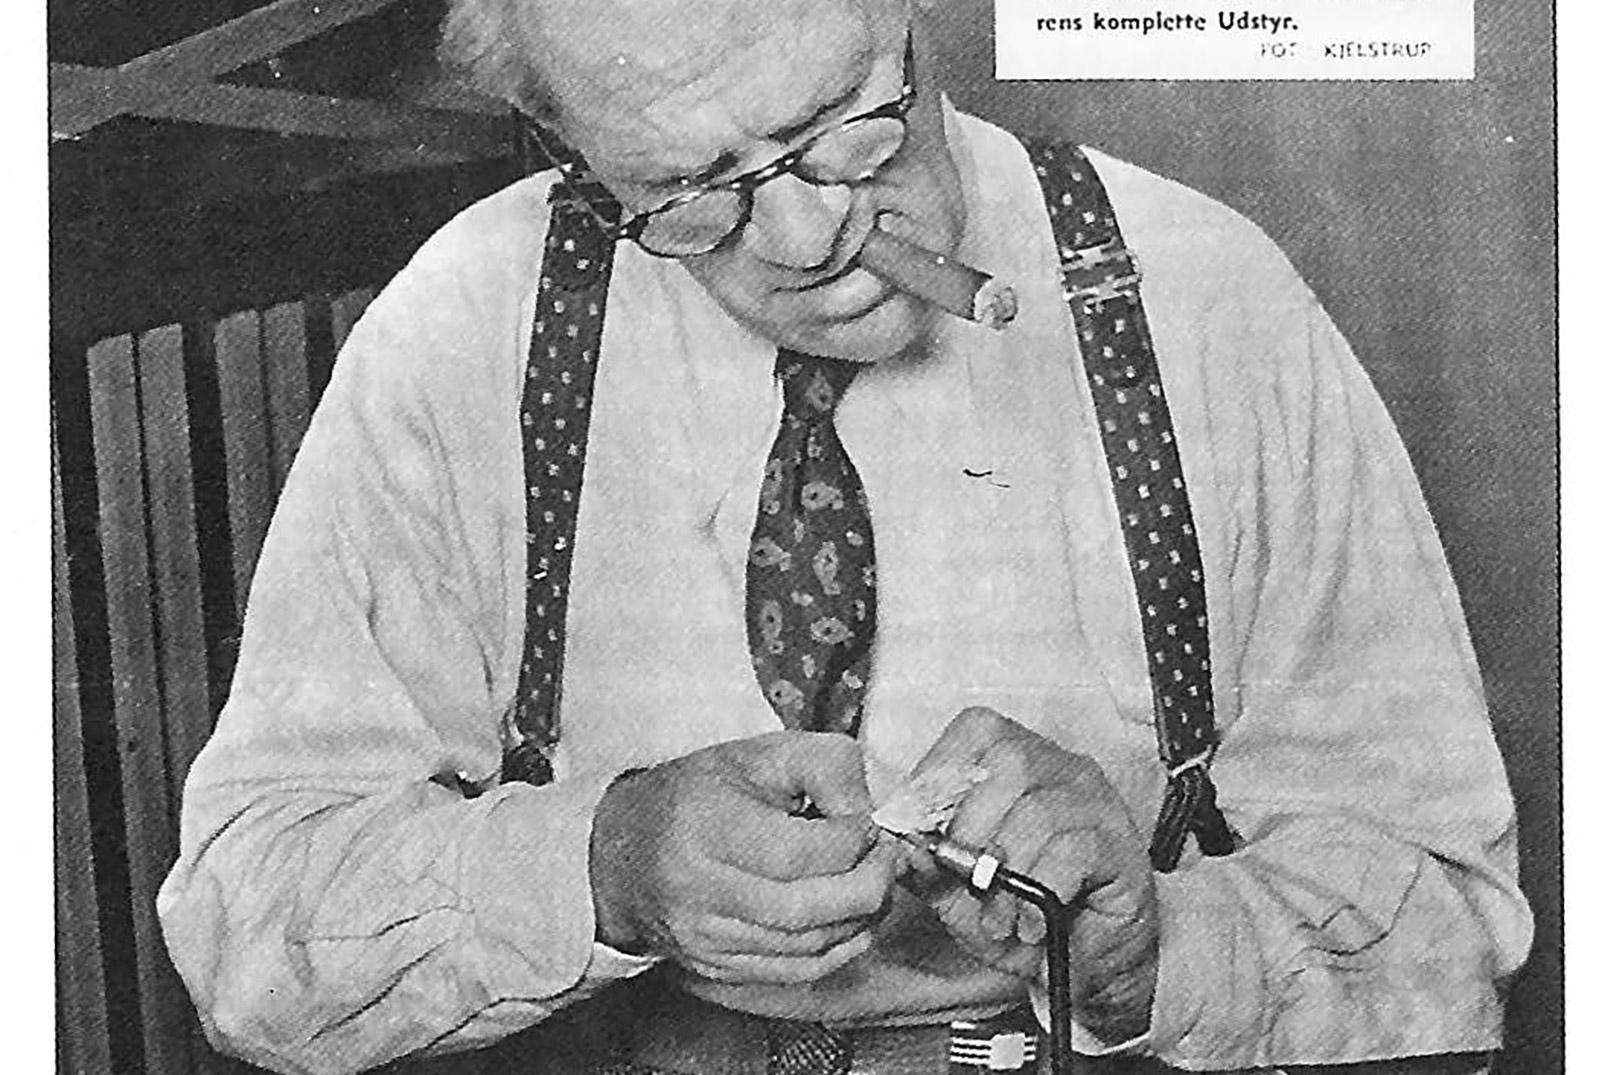 """Under overskriften """"Bind din flue – fang din laks"""" er Billed-Bladet d. 27. august 1940 på besøg hos Methling, der binder den perfekte lakseflue. Af teksten fremgår det, at der er tale om vores mest kendte lystfisker."""